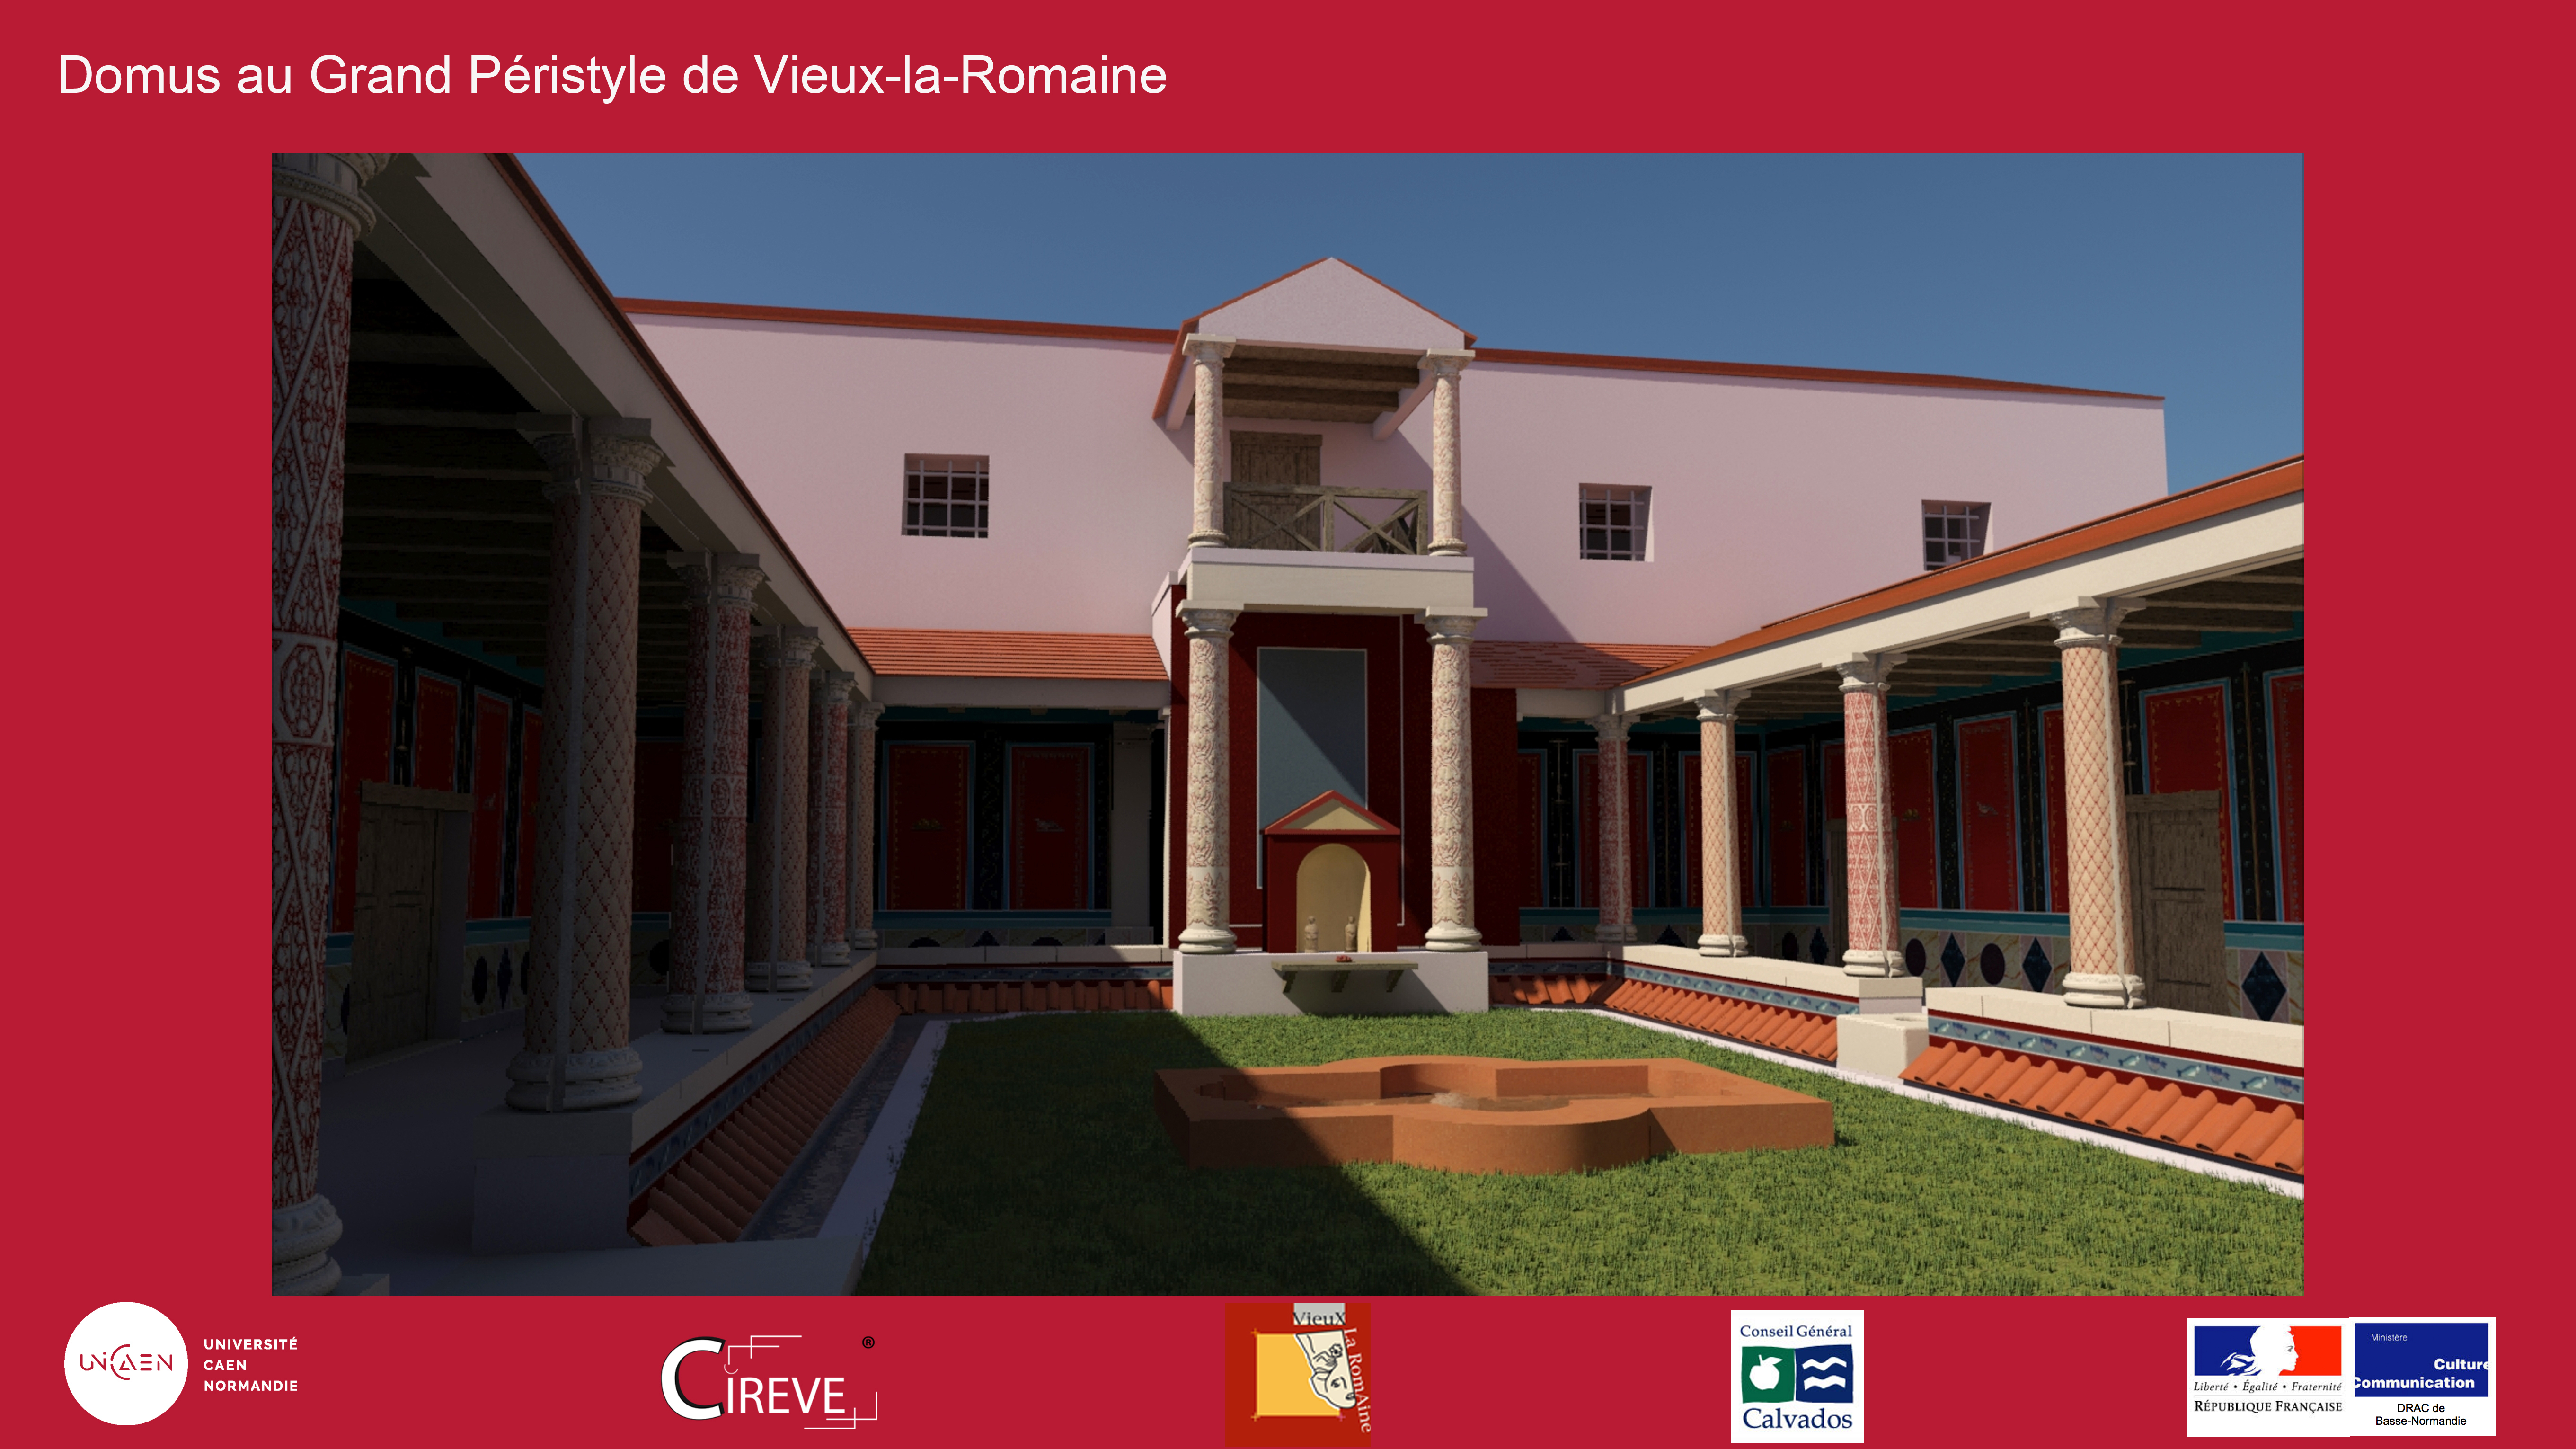 Domus de Vieux-la-Romaine